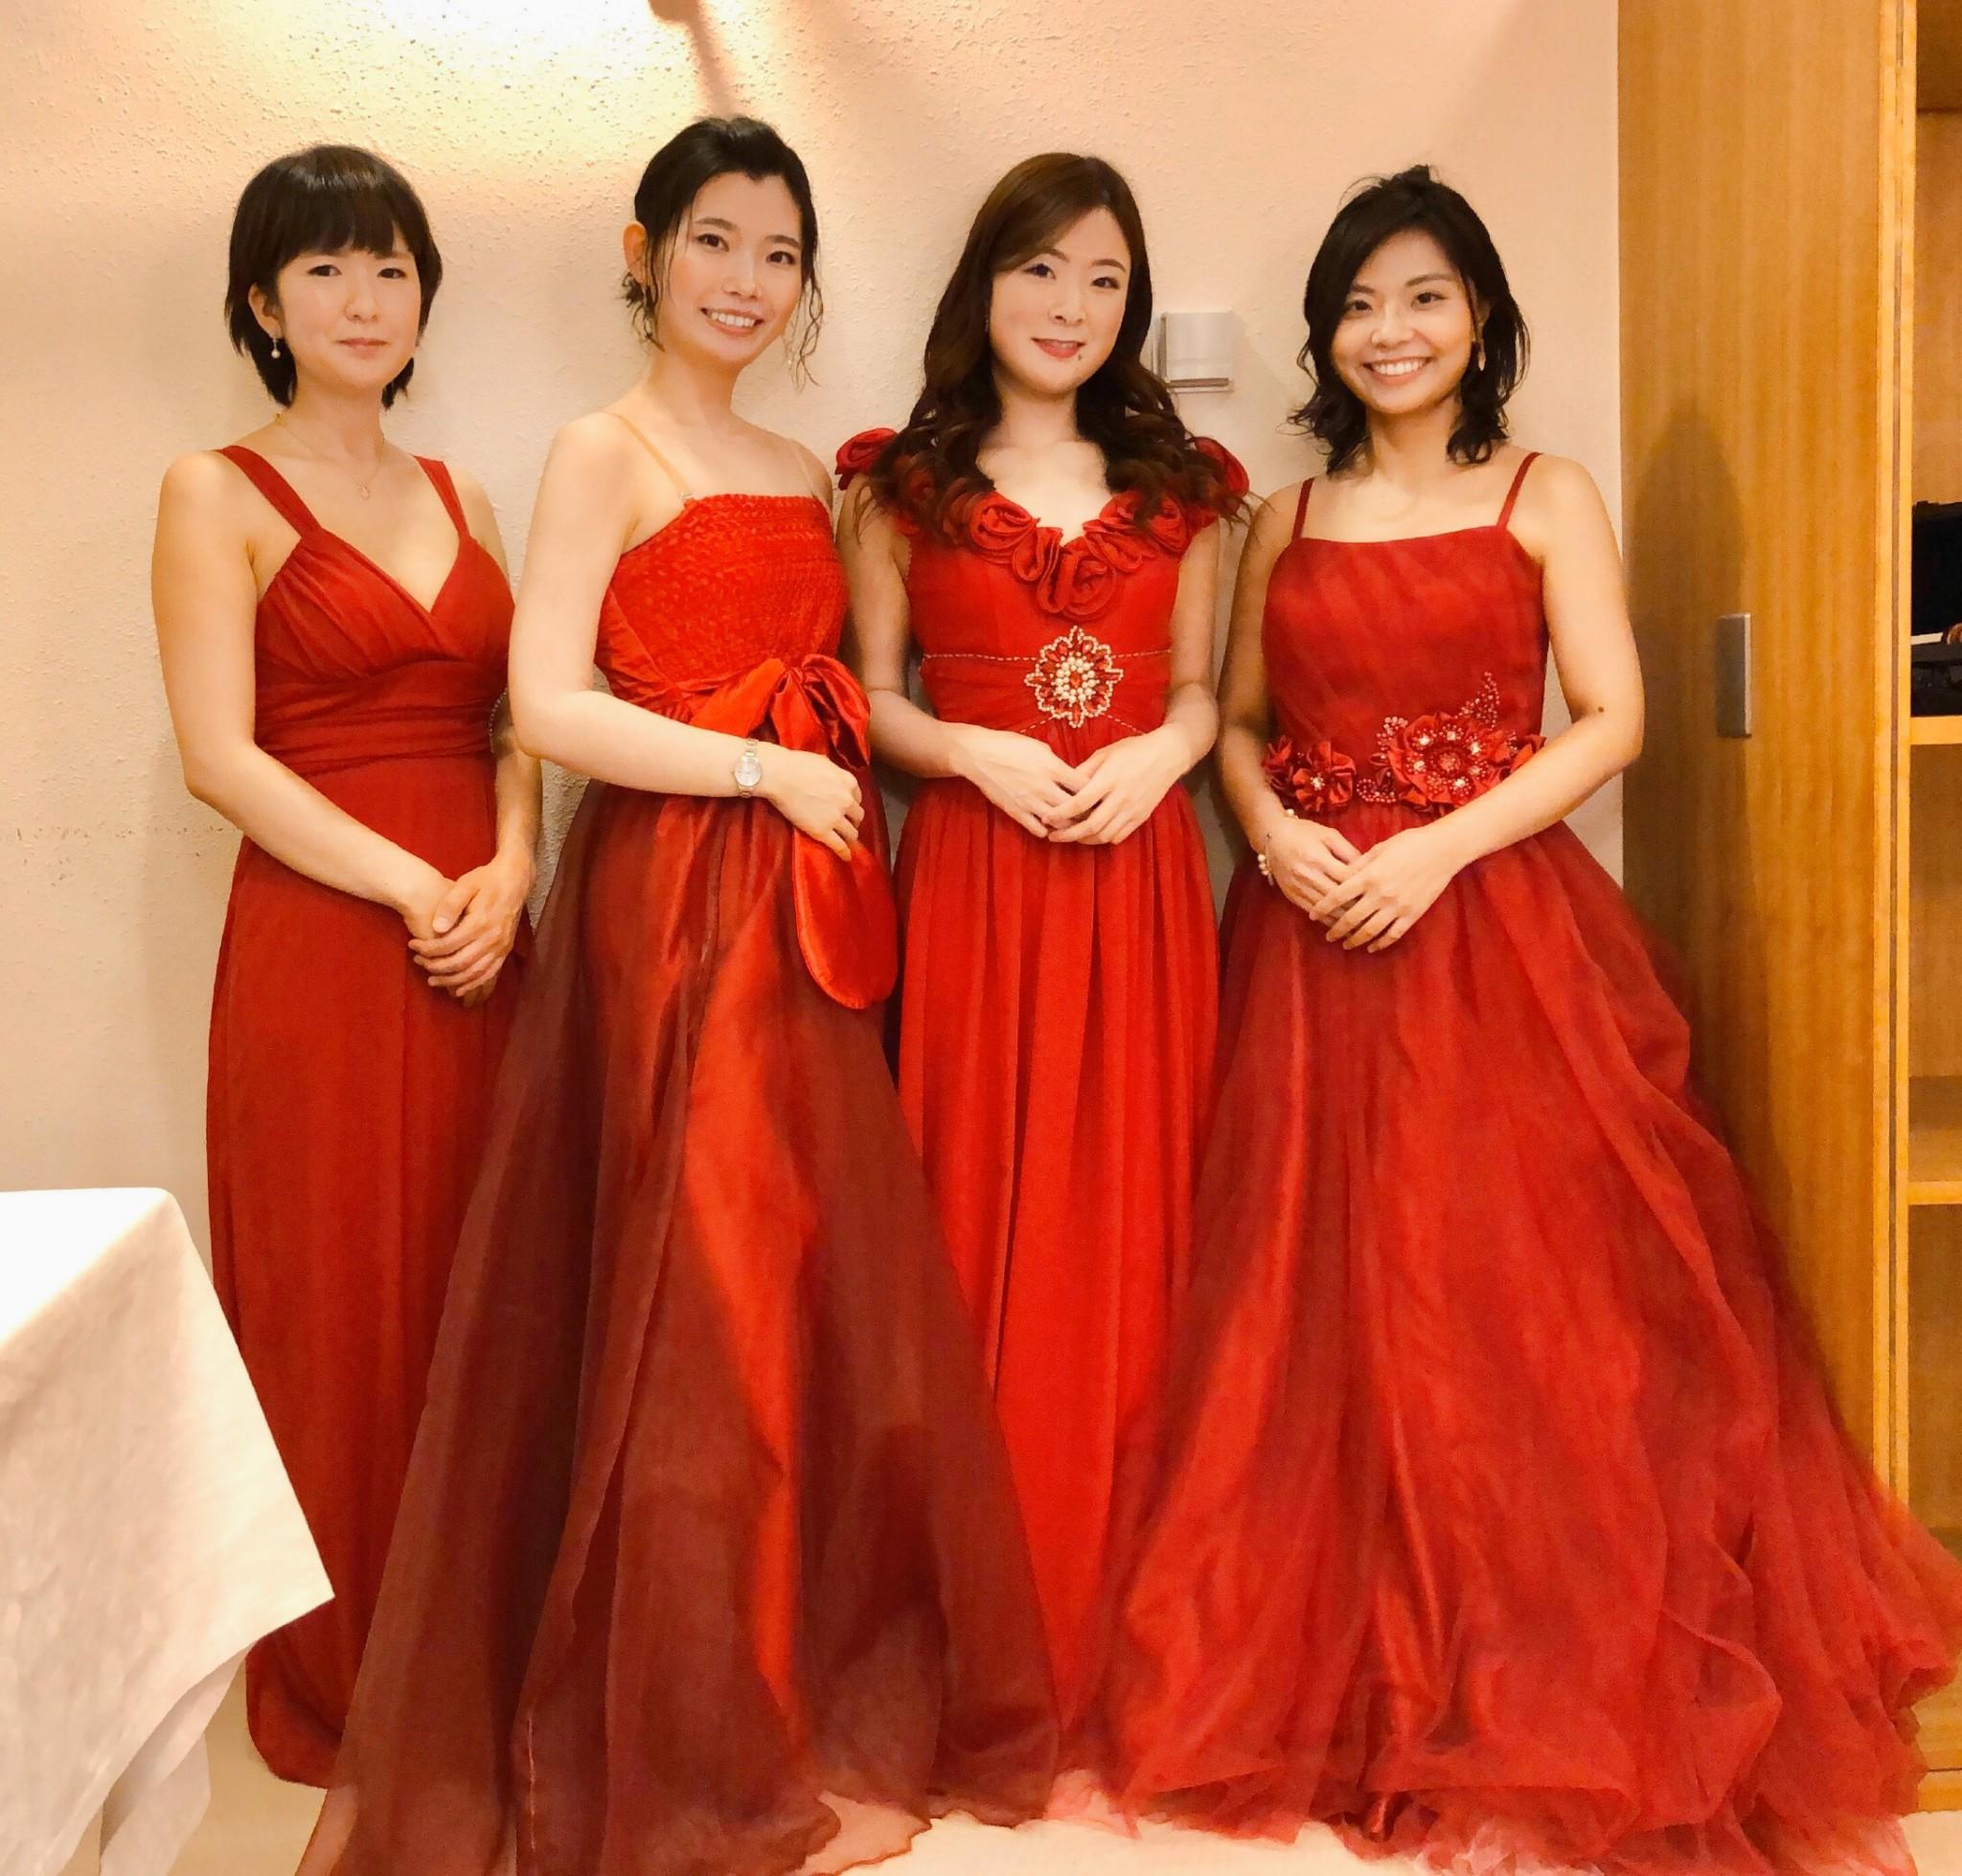 弦楽四重奏は美人演奏家が多く人気があります